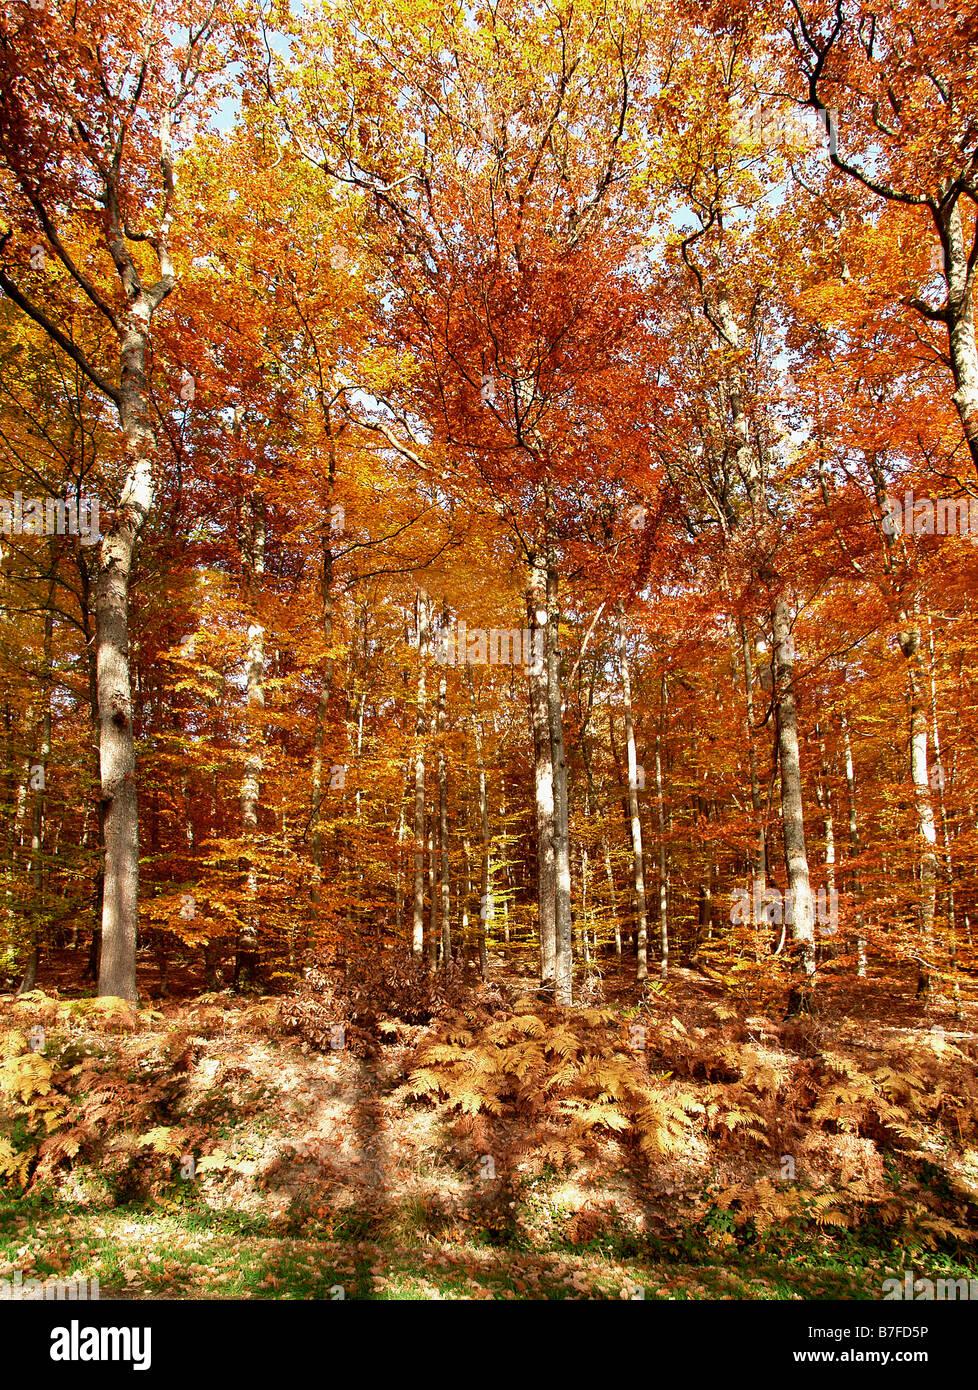 bord de la Route dans la forêt de Tronçais en automne Allier 03 Autumn Auvergne Bad season Bad seasons - Stock Image